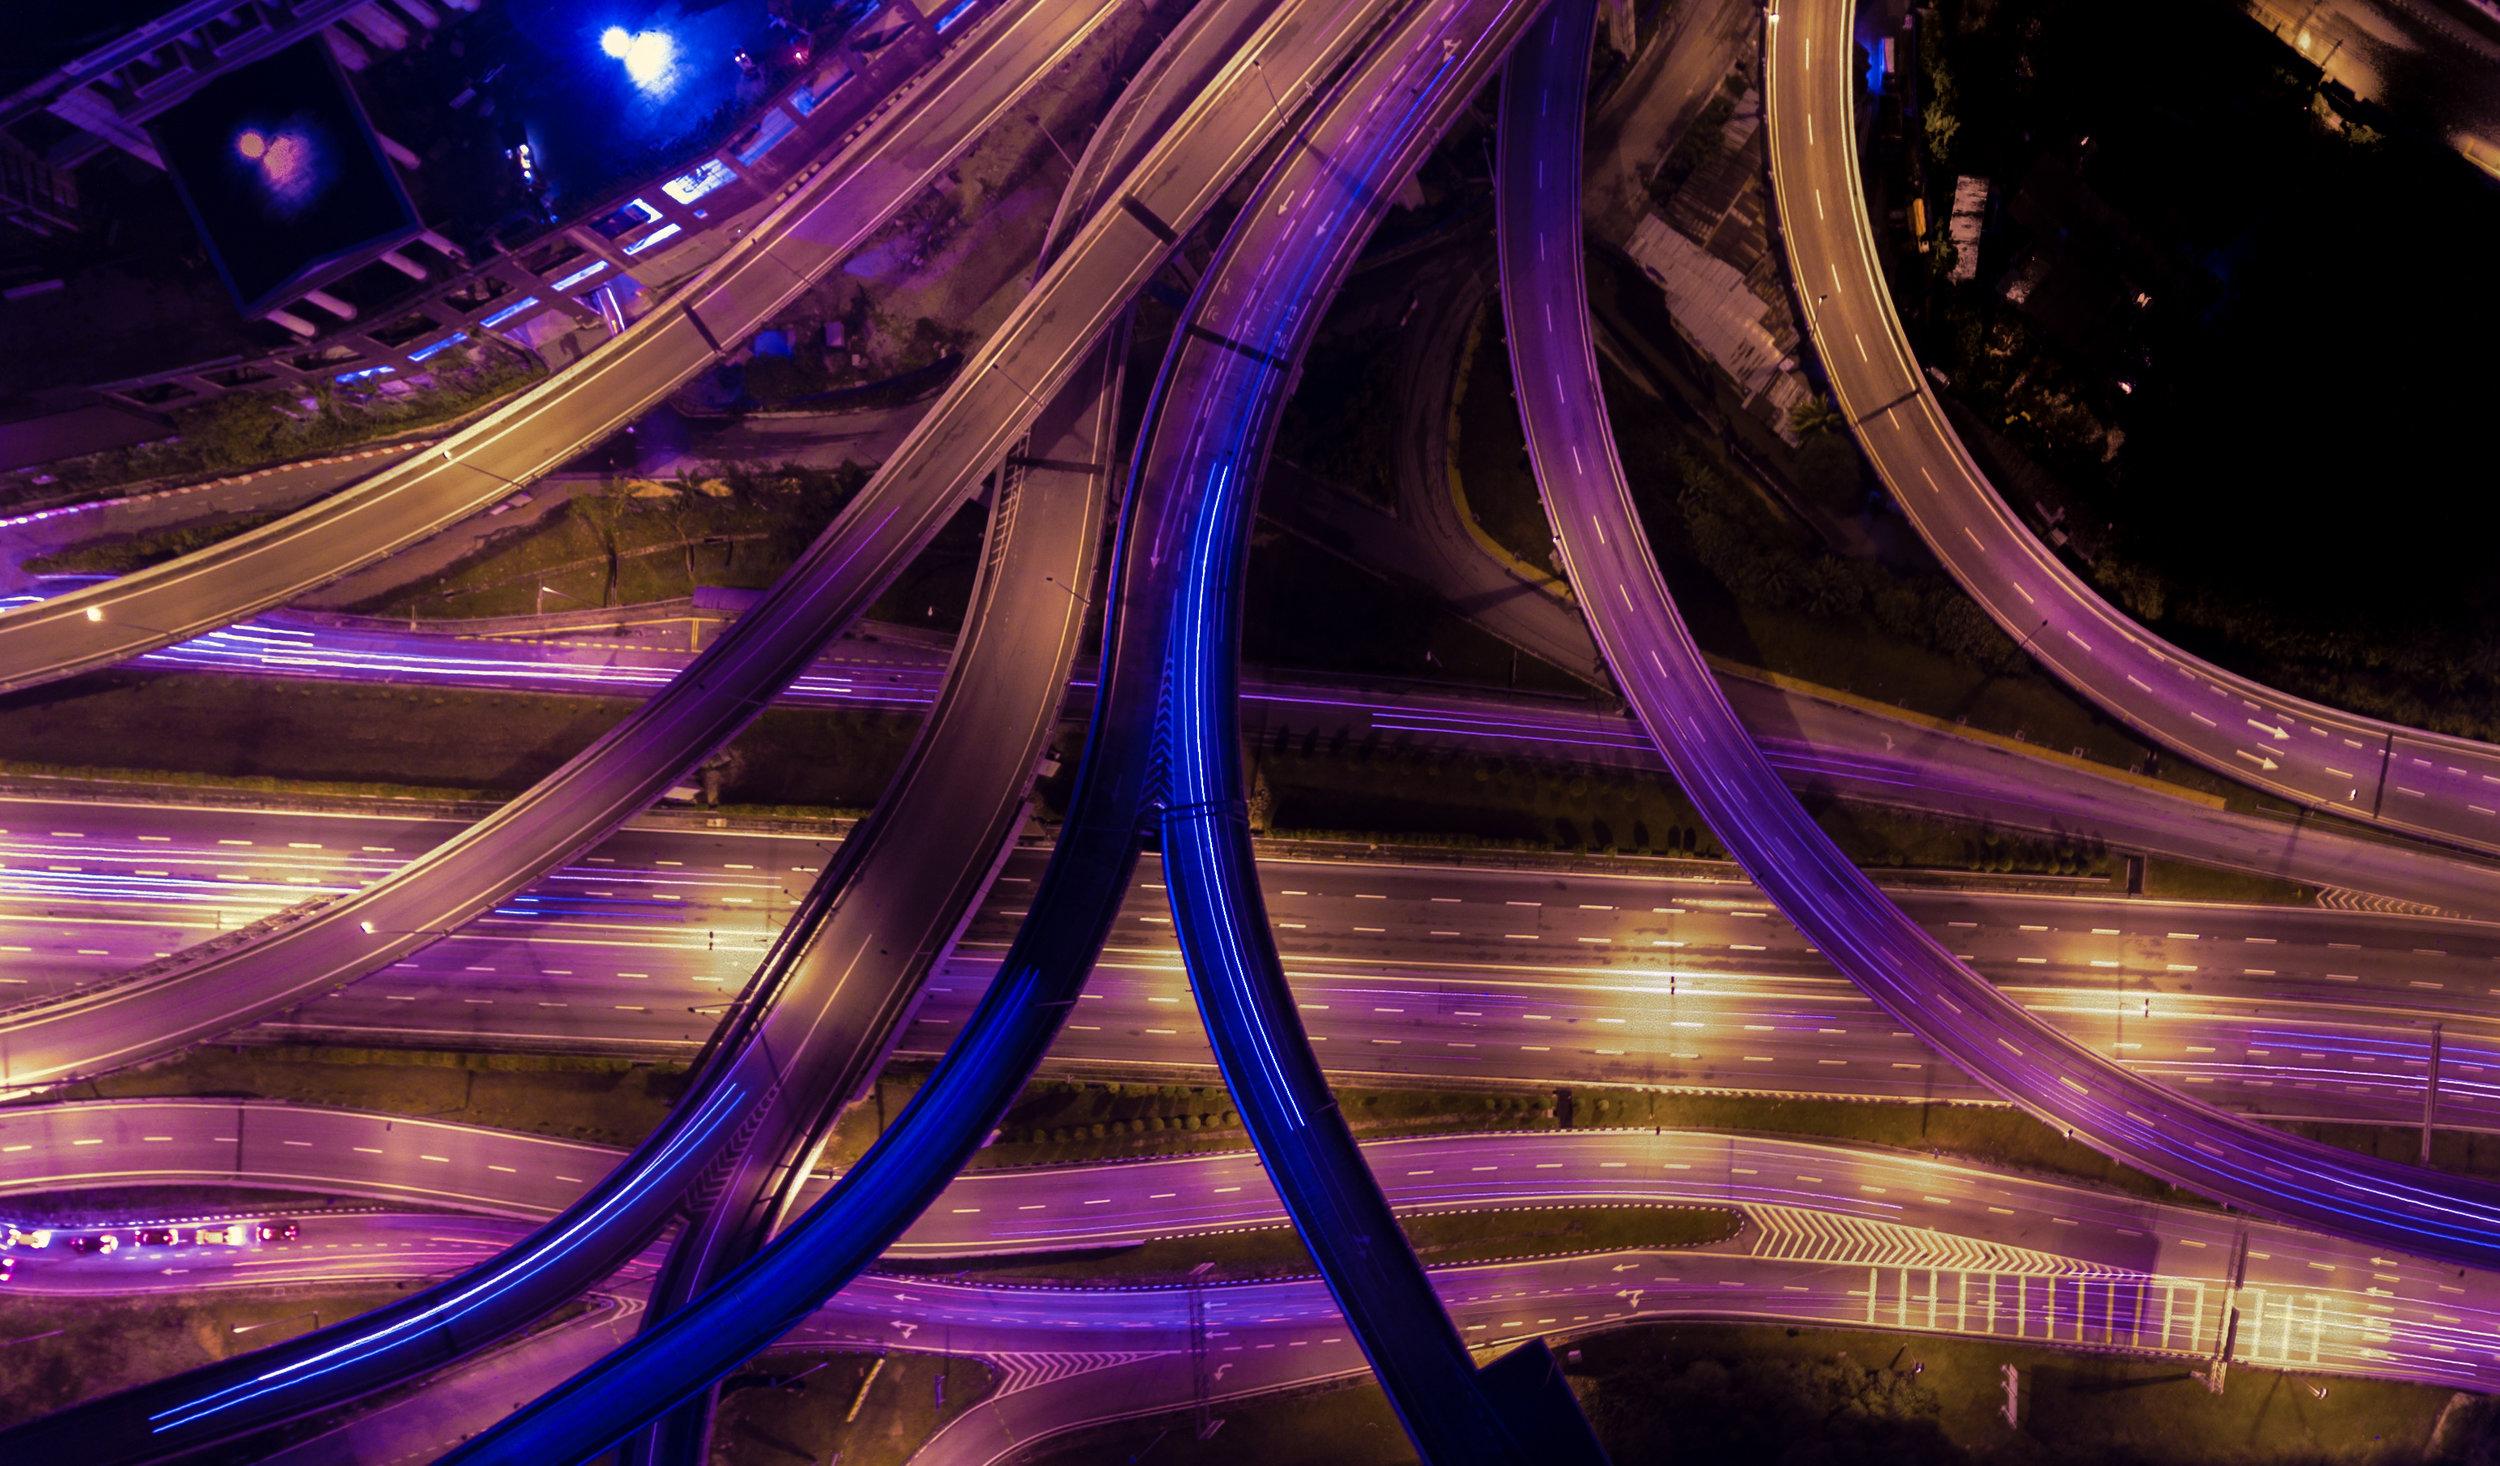 sub-thema's - Duurzame voertuigtechnologieFuture mobility: autonome en emissie-neutrale mobiliteitImpactvolle evenementenInspraak, participatie en buurtgericht (net)werkenIntervention DesignLeefbare stedenSmart Building and livingTuin- en landschapsontwerpVerstedelijking en superdiversiteitHoe bewegen in steden. Hoe steden in beweging krijgen.Zorg en welzijn in grootstedelijke context